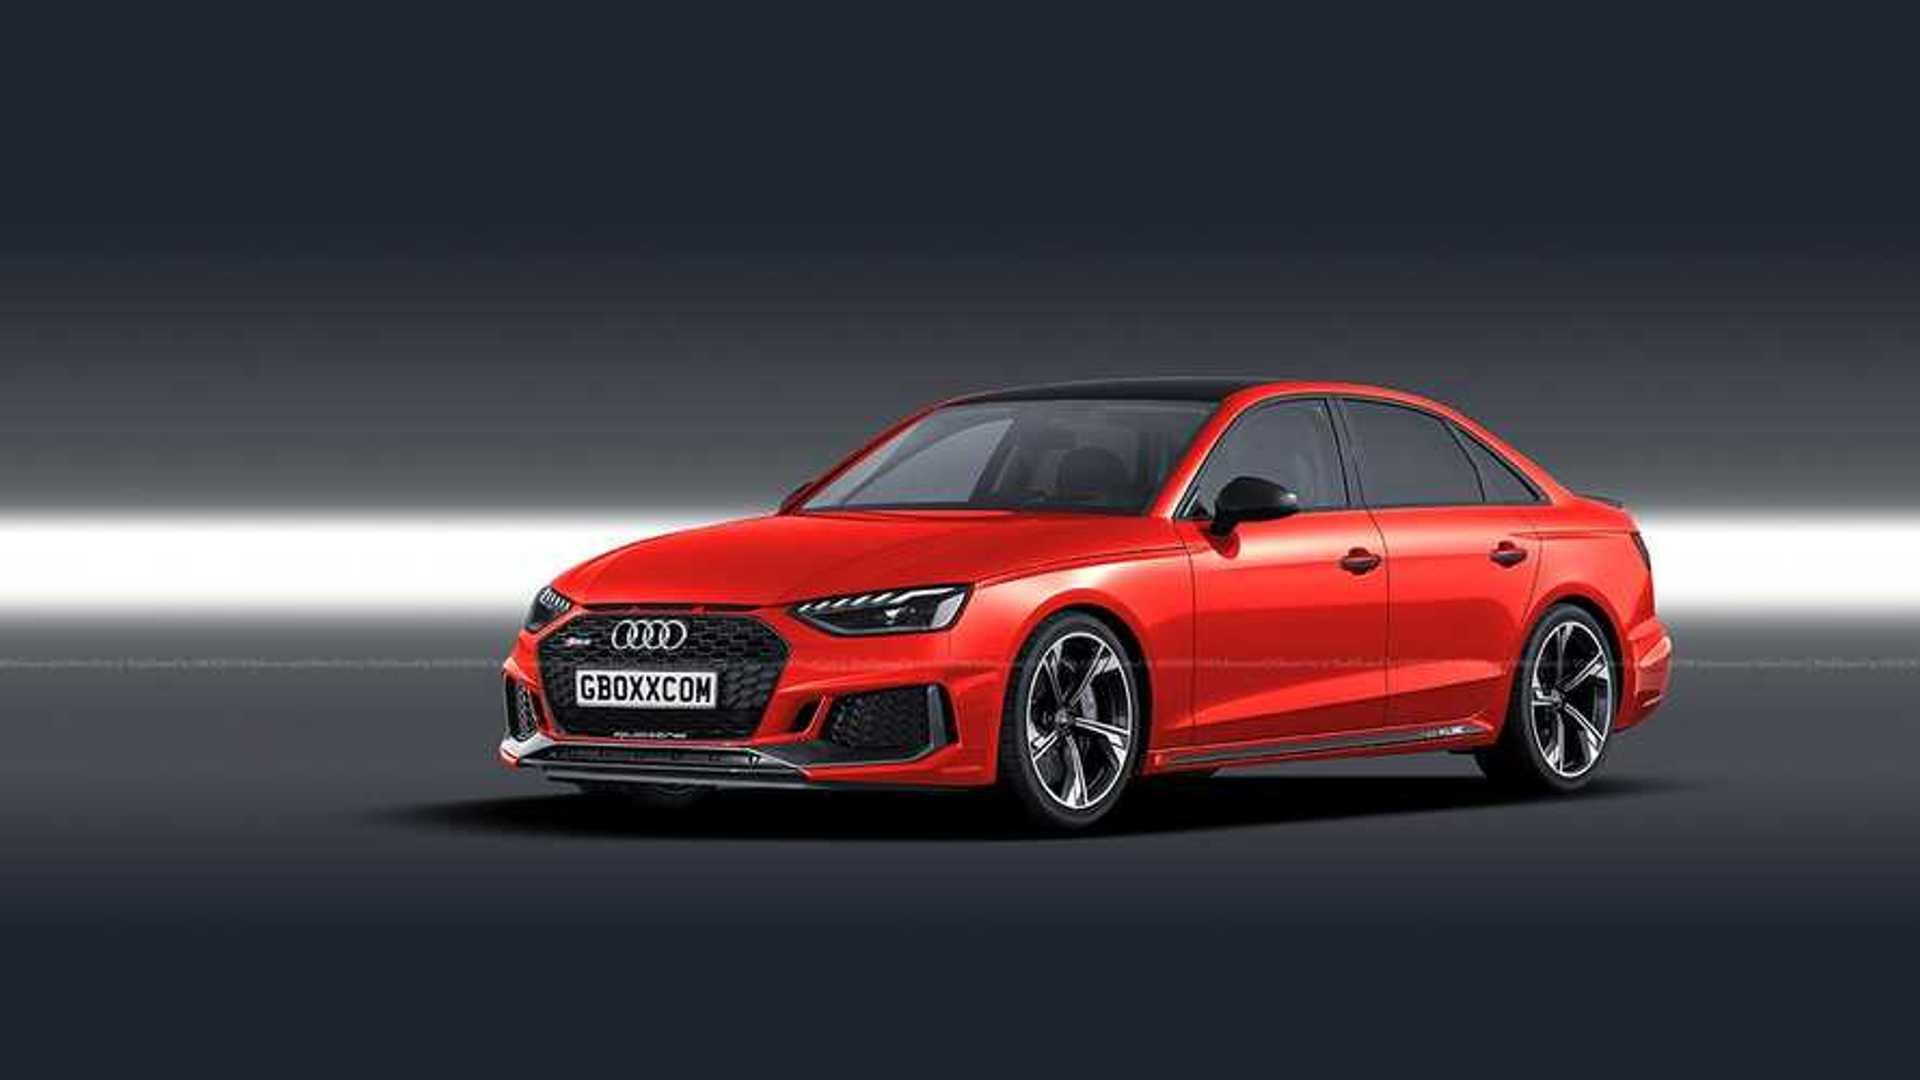 Kelebihan Kekurangan Audi A4 Rs Perbandingan Harga